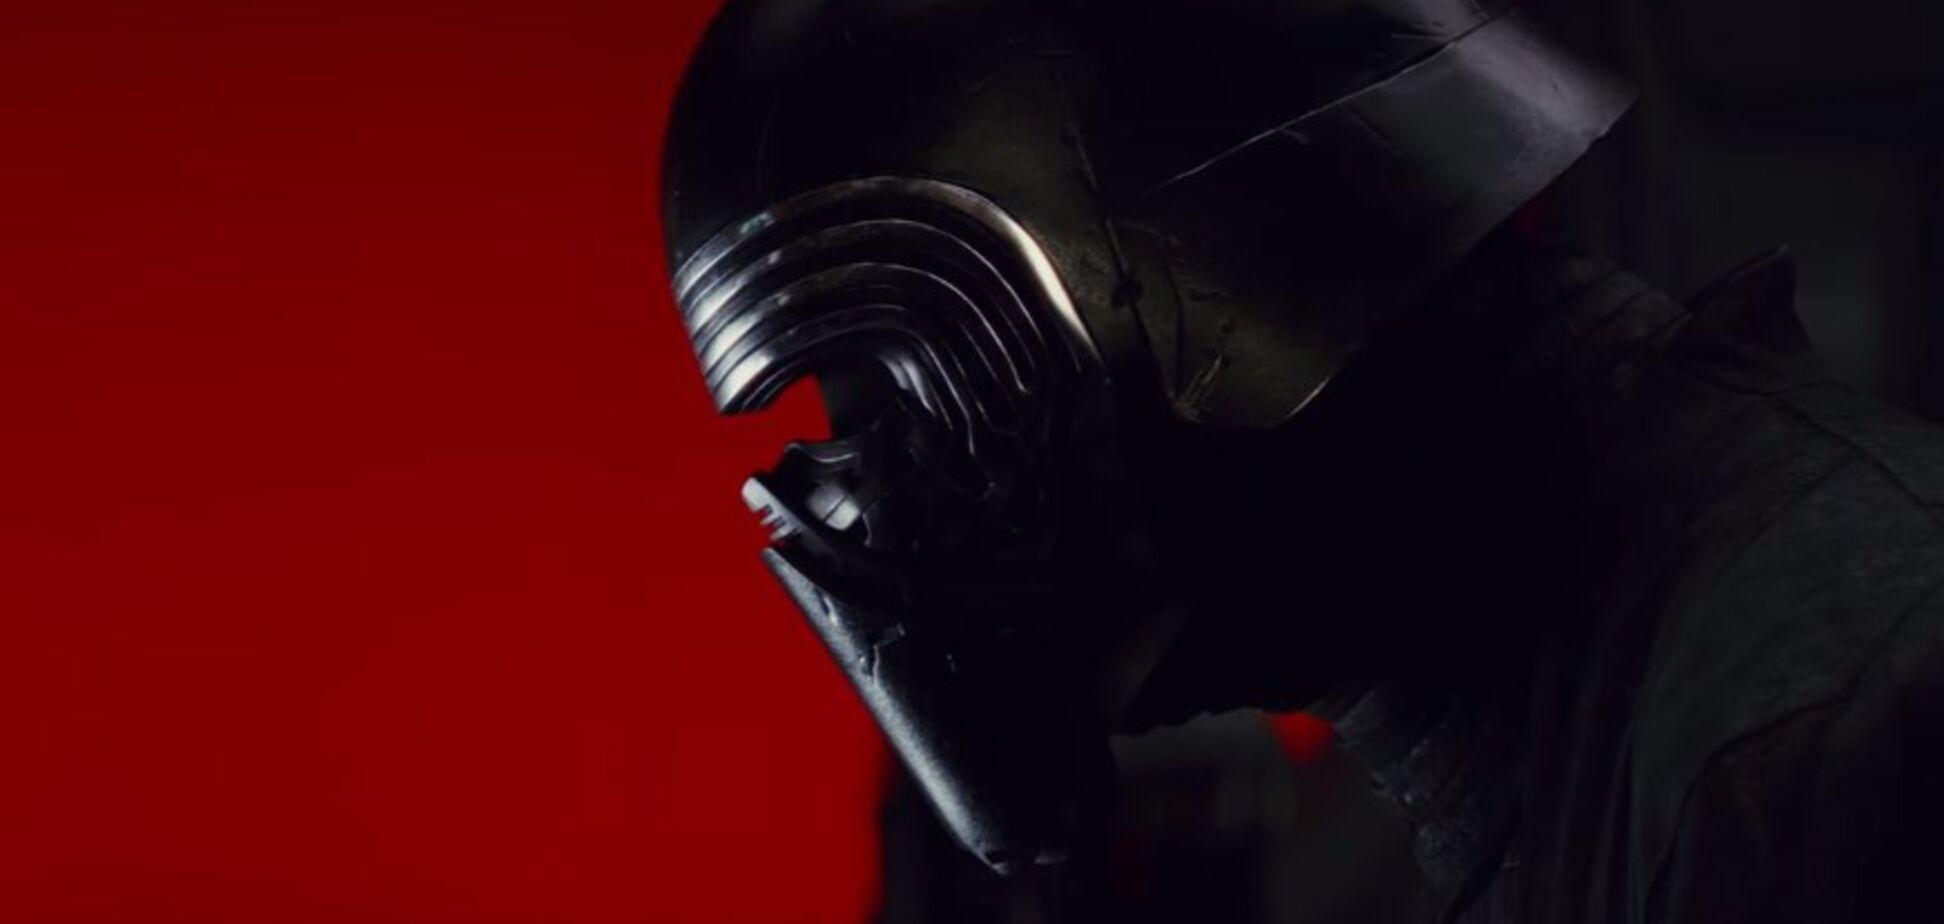 'Так нельзя делать!' Фанов 'Звездных войн' возмутил новый трейлер